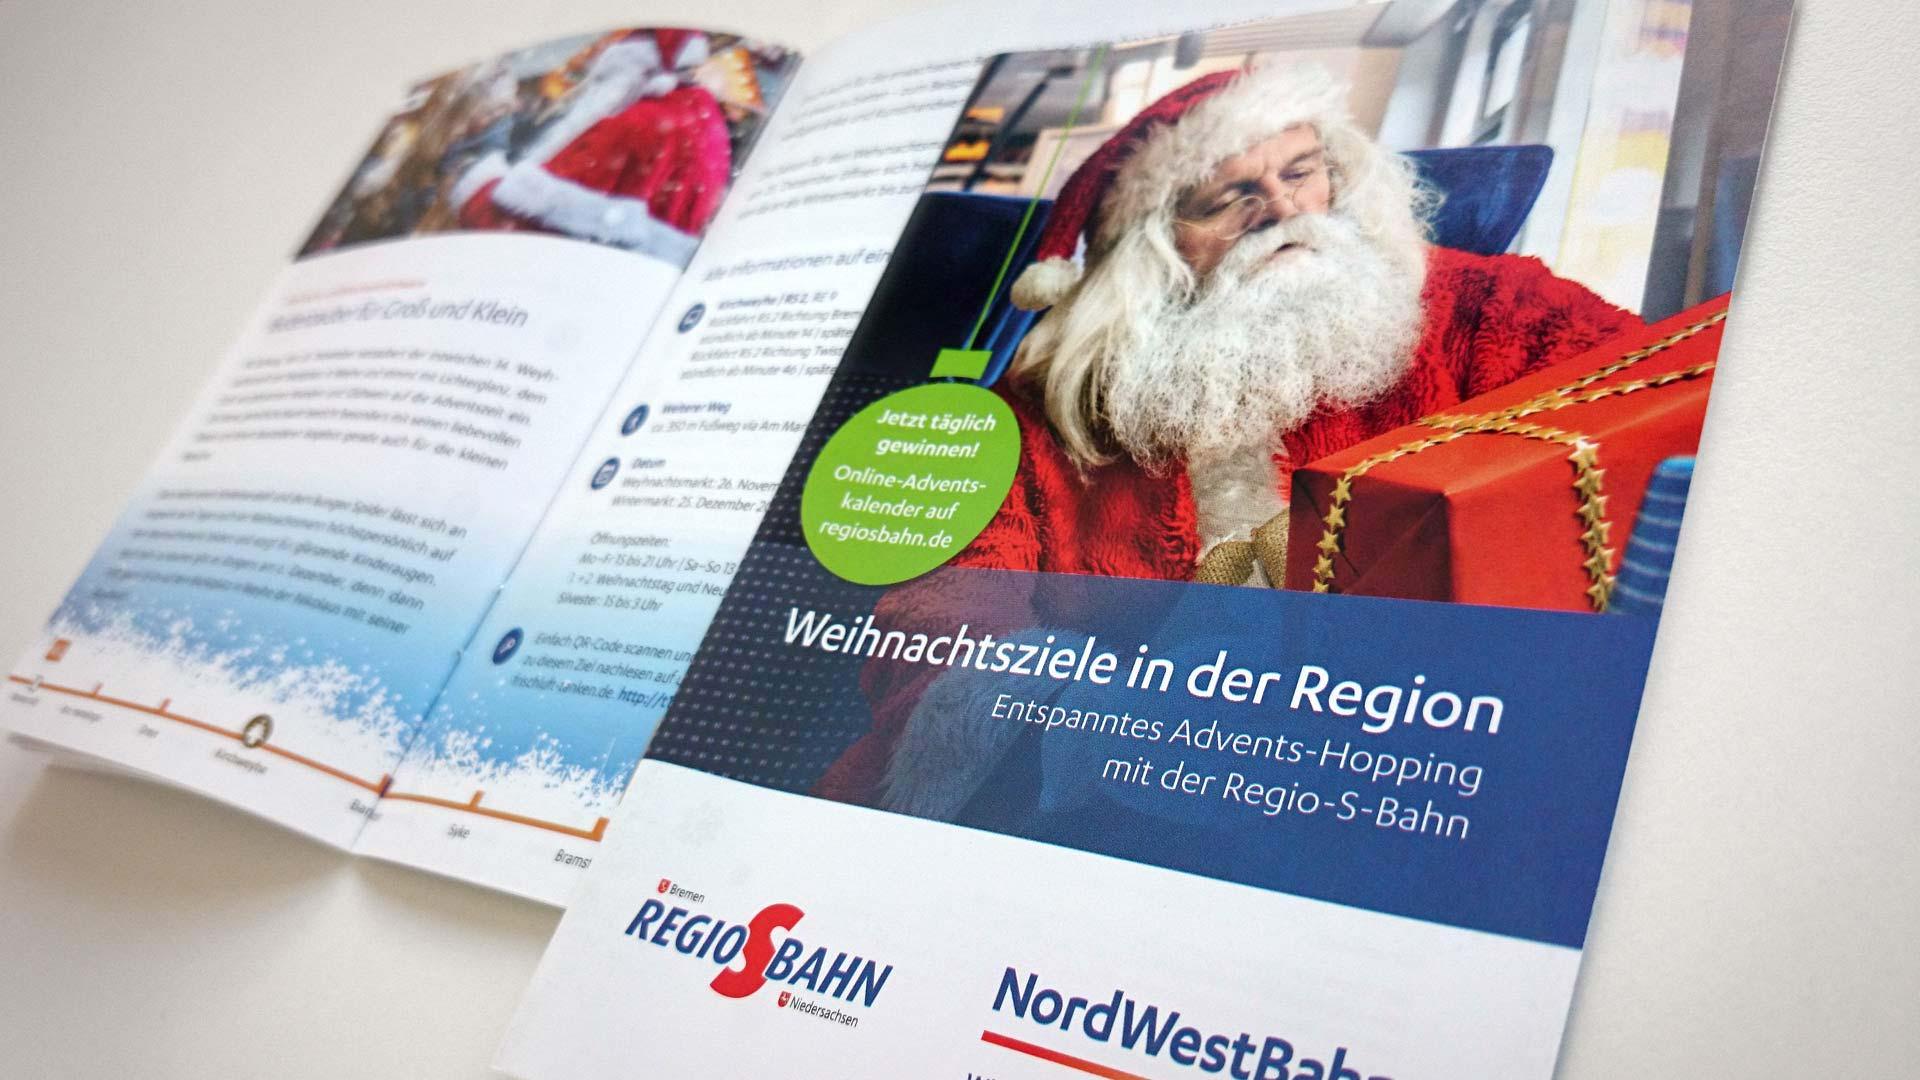 artventura-Projekt Weihnachtskampagne Regio-S-Bahn:Infobroschüre mit Weihnachtszielen der Region